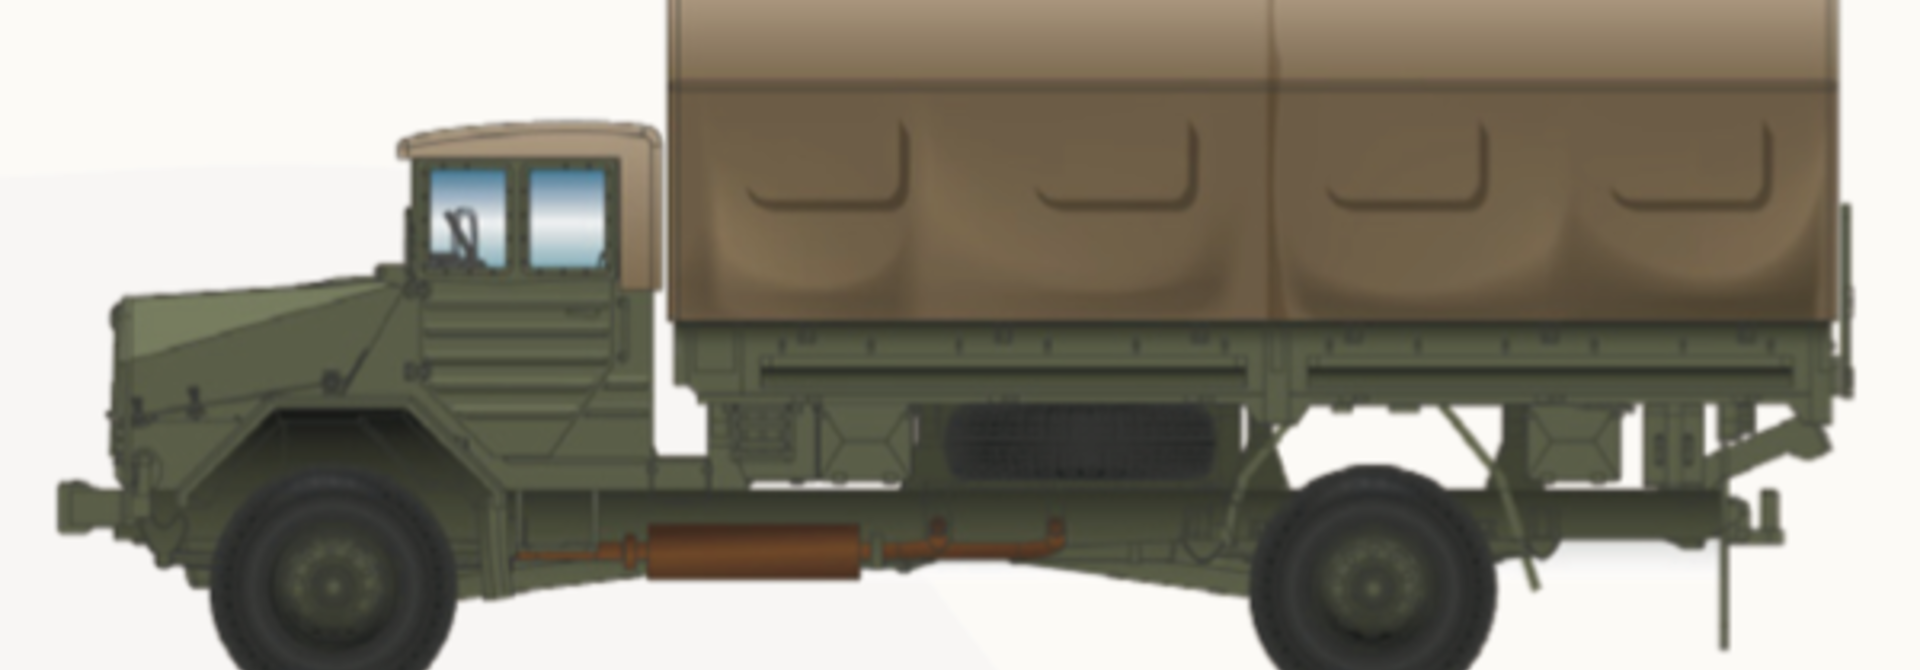 6870416 BRD MAN 630 L2 A (Früh) Cargo